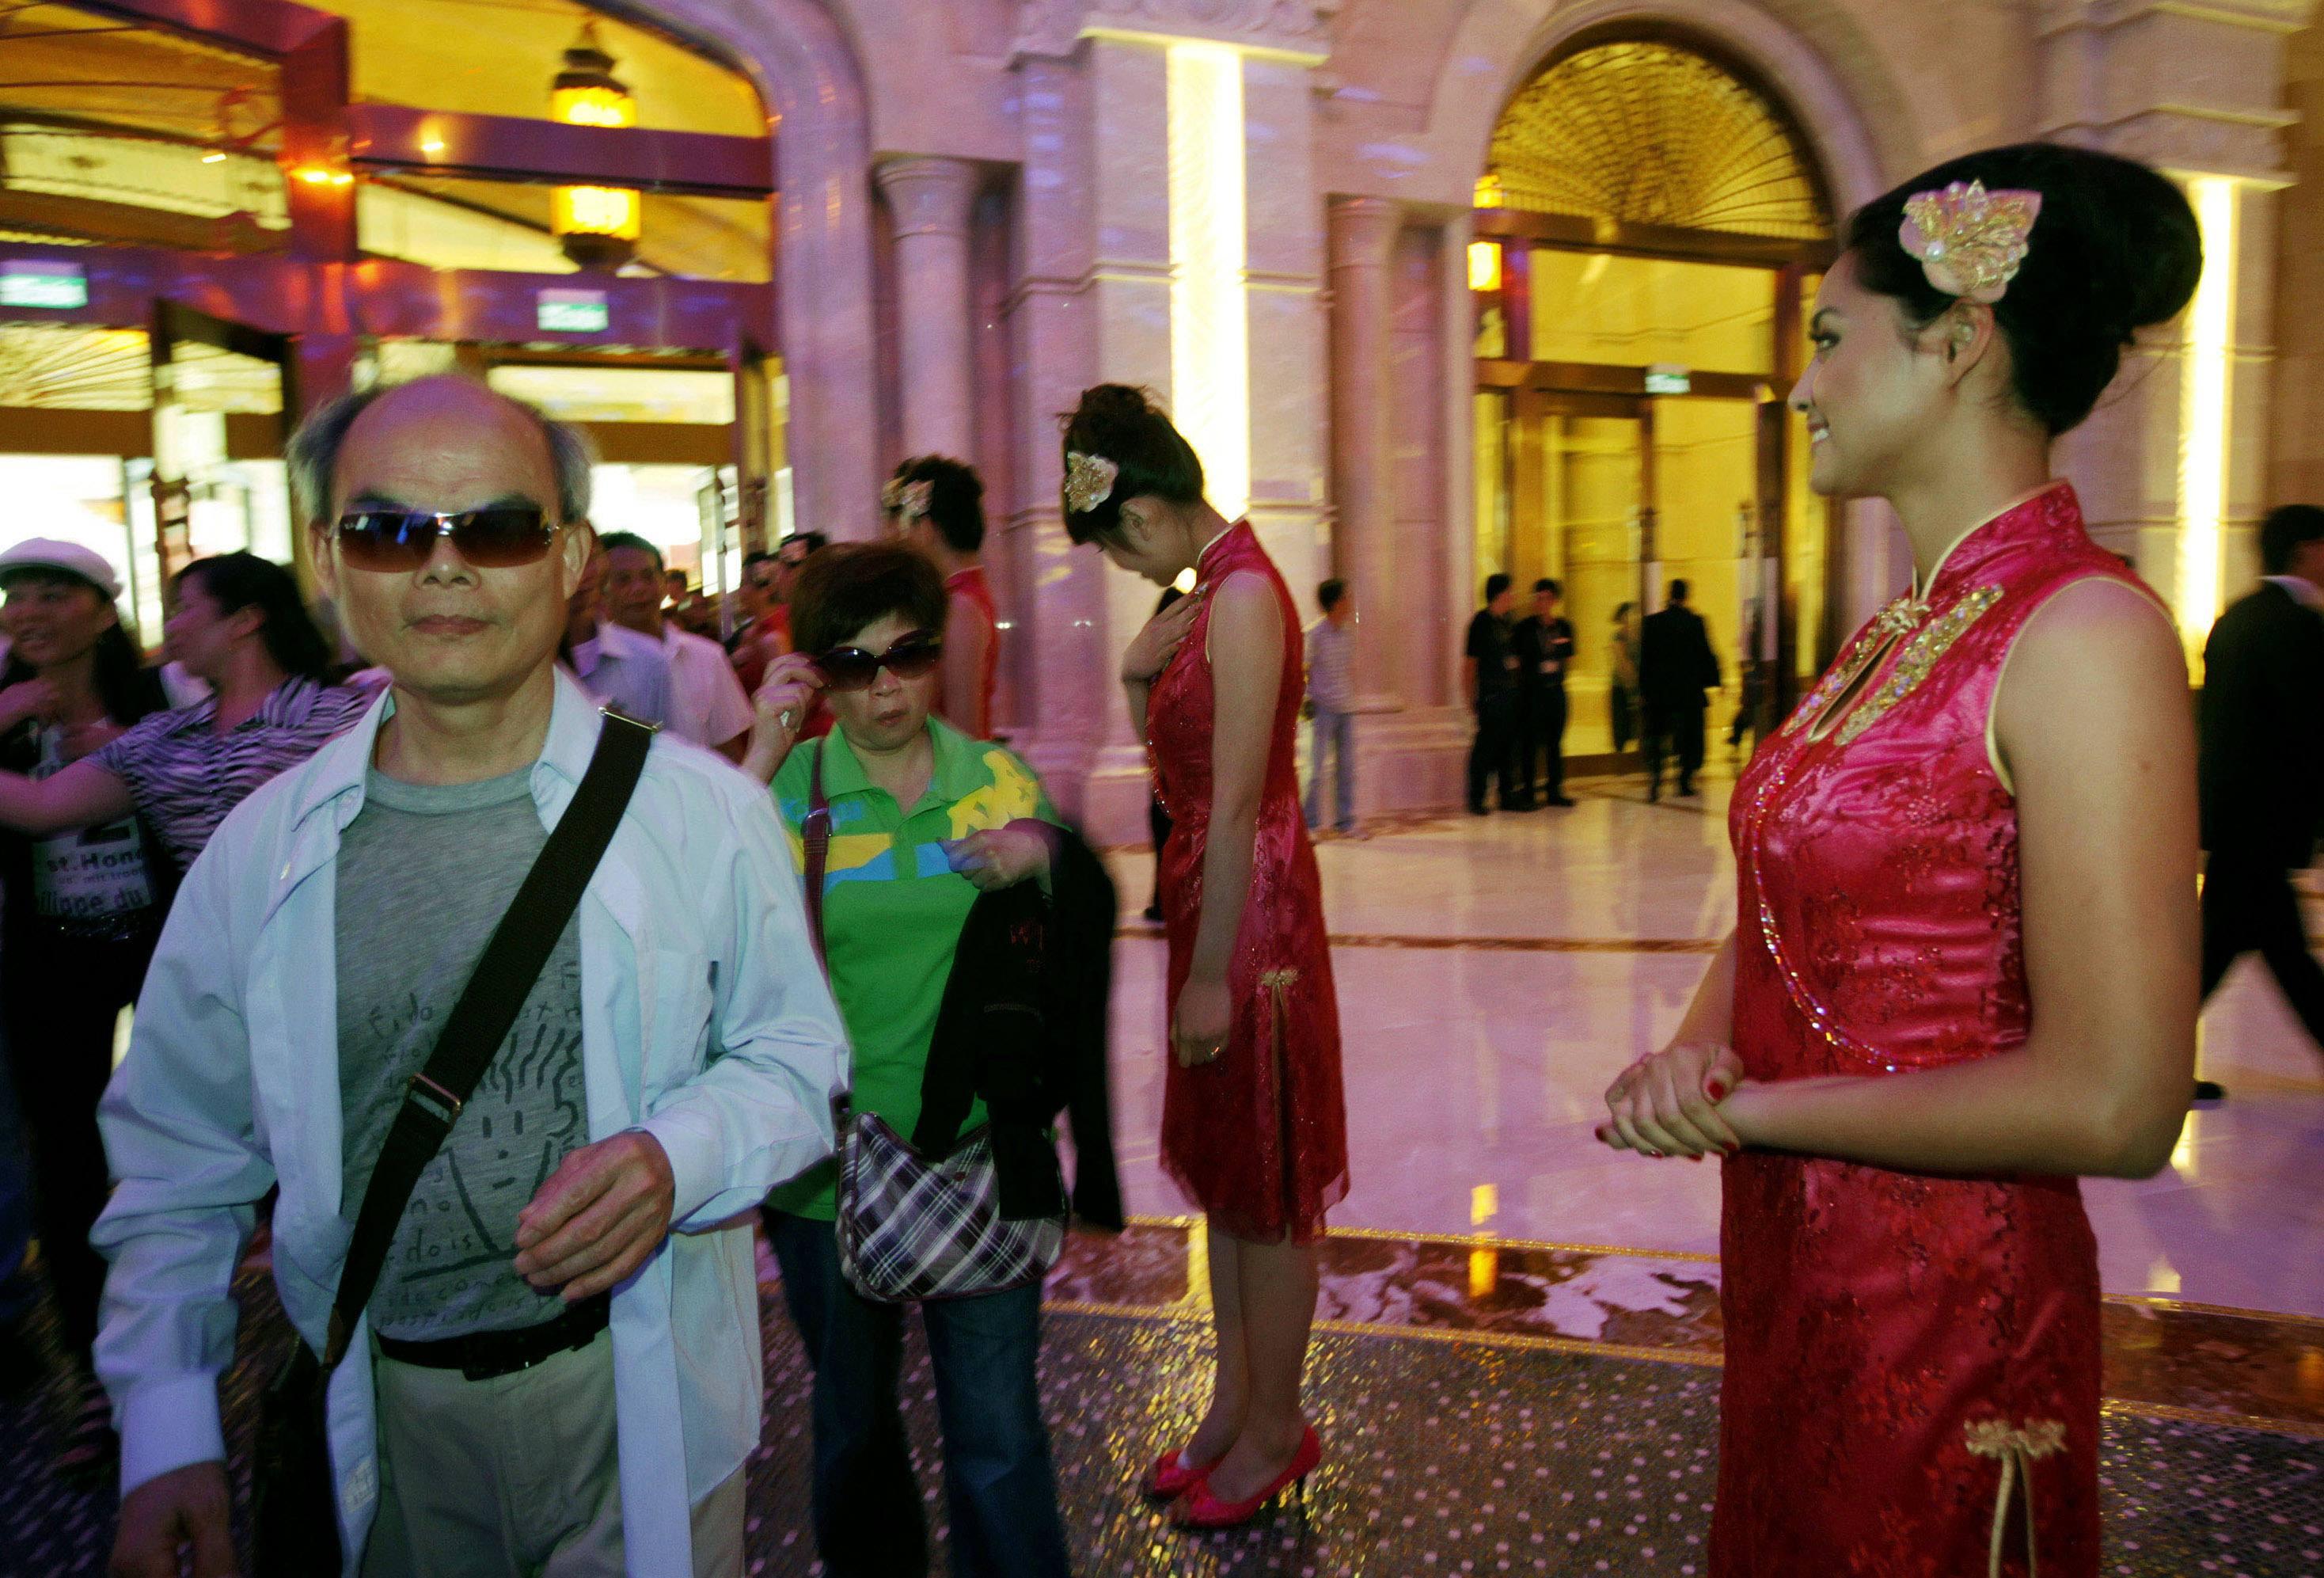 Macau casinos revenue GGR